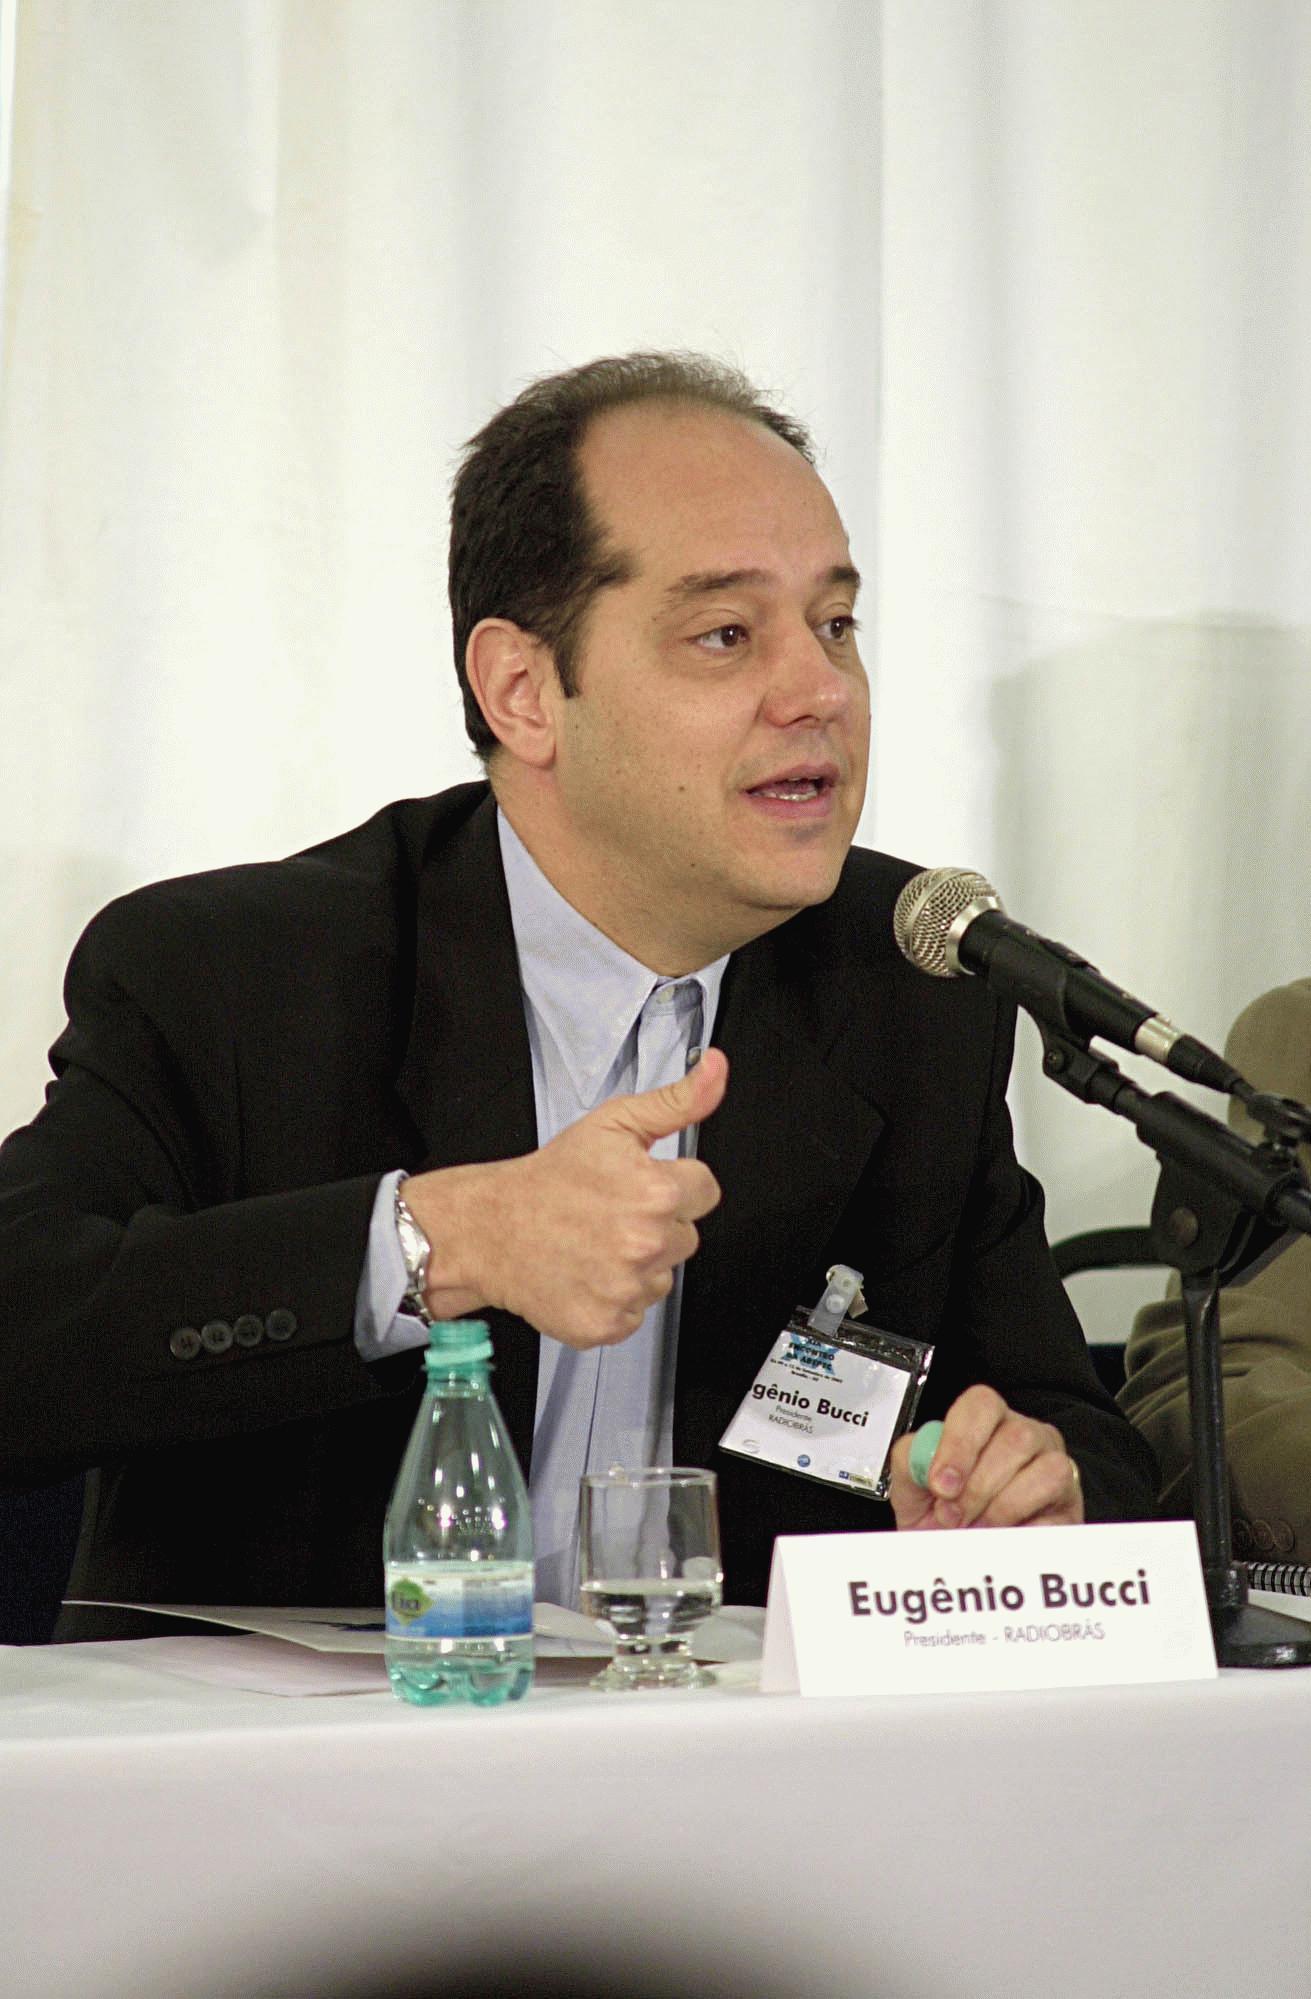 Veja o que saiu no Migalhas sobre Eugênio Bucci